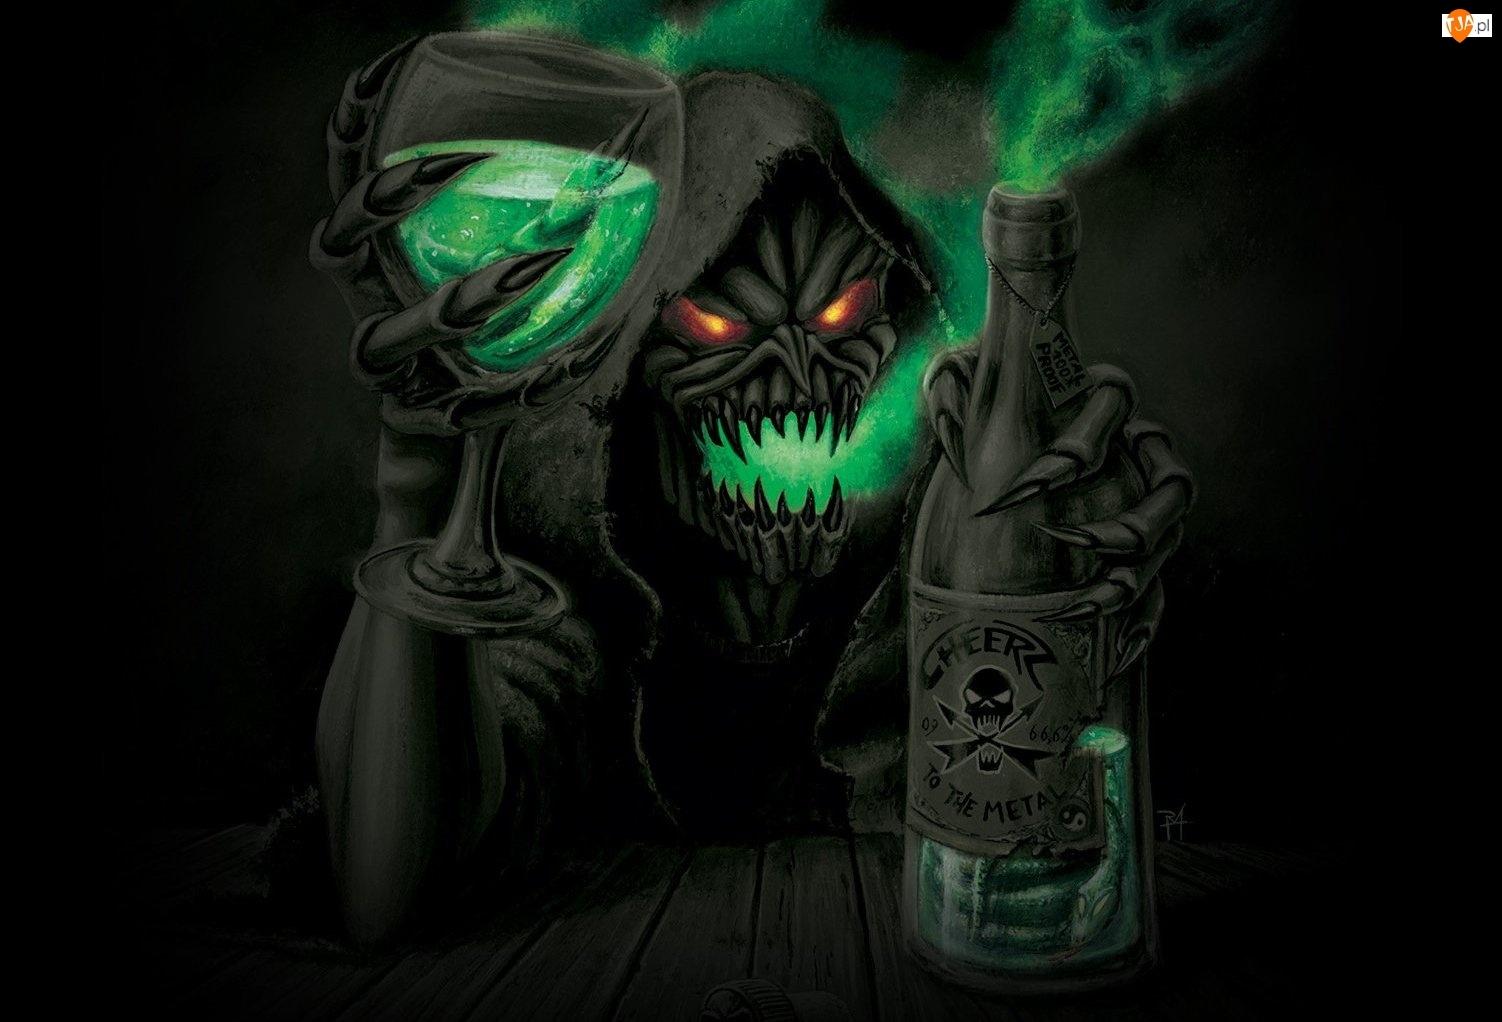 Gamma Ray, Kieliszek, Potwór, Butelka